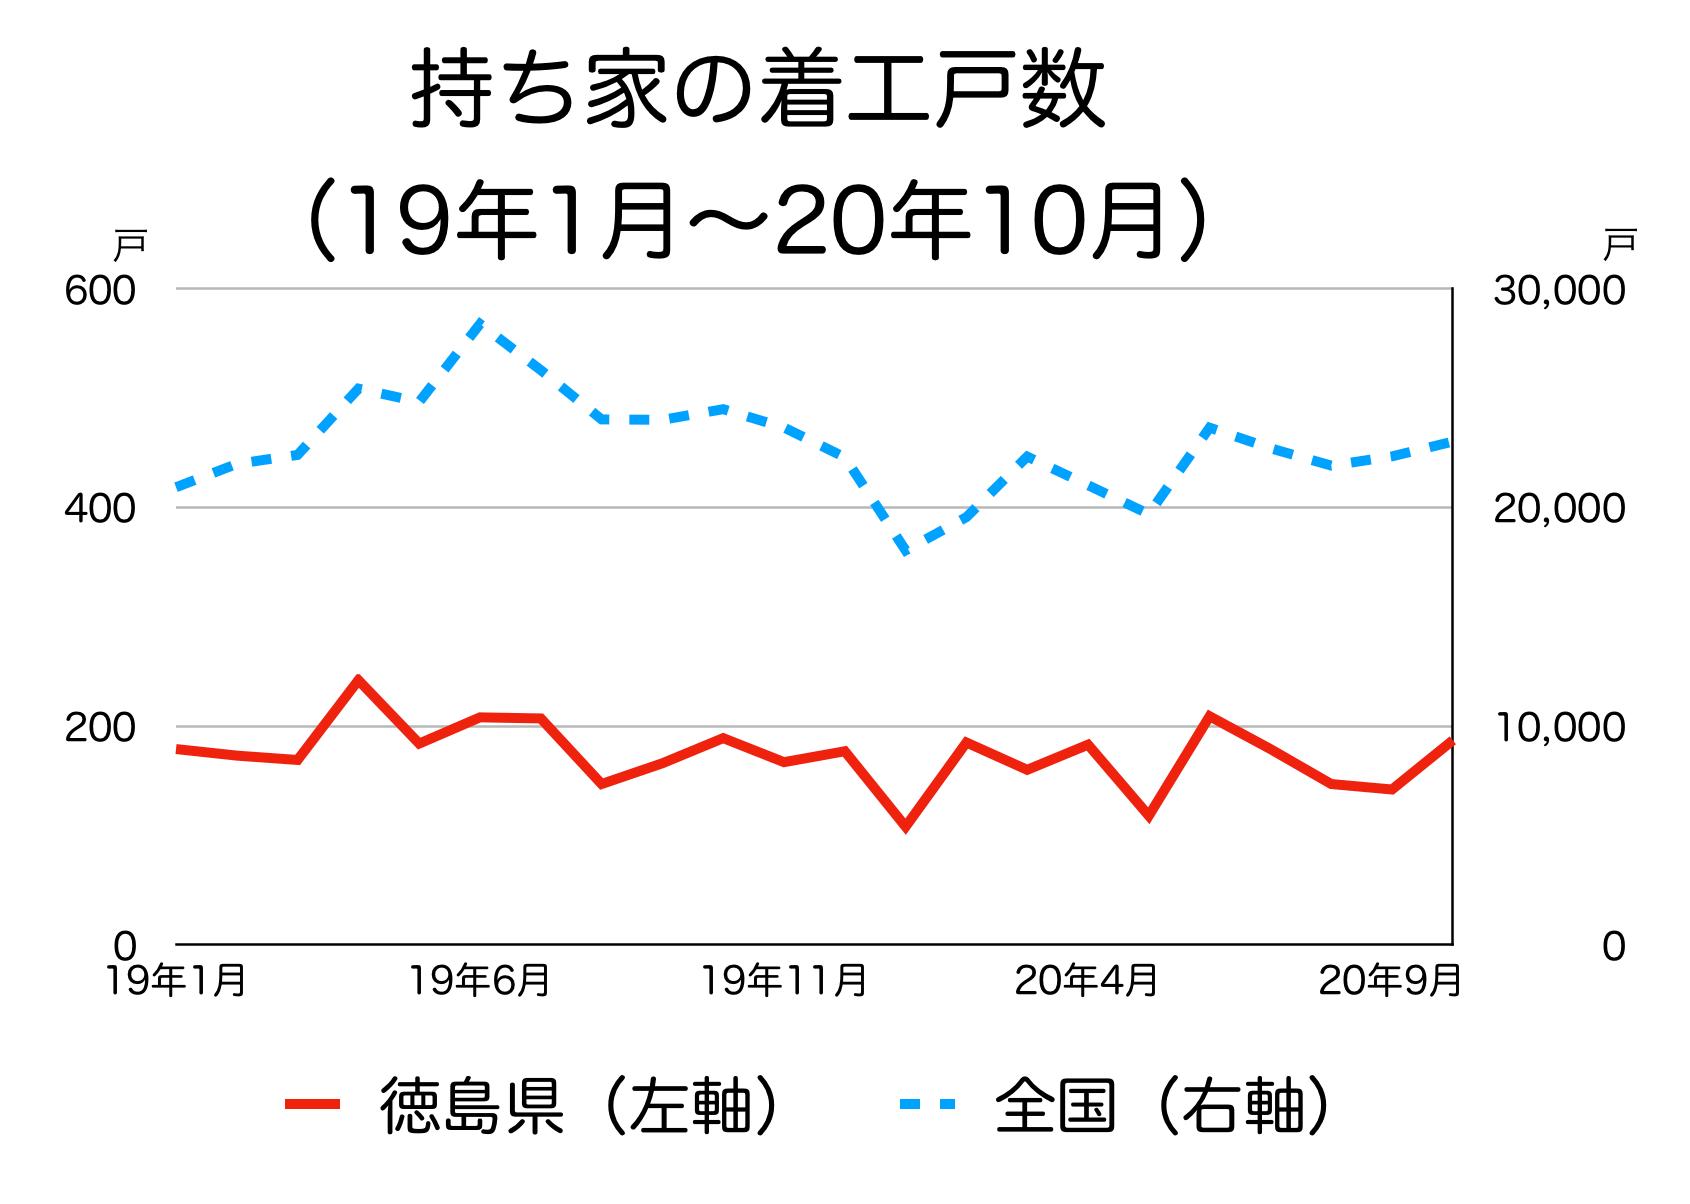 徳島県の新築着工統計